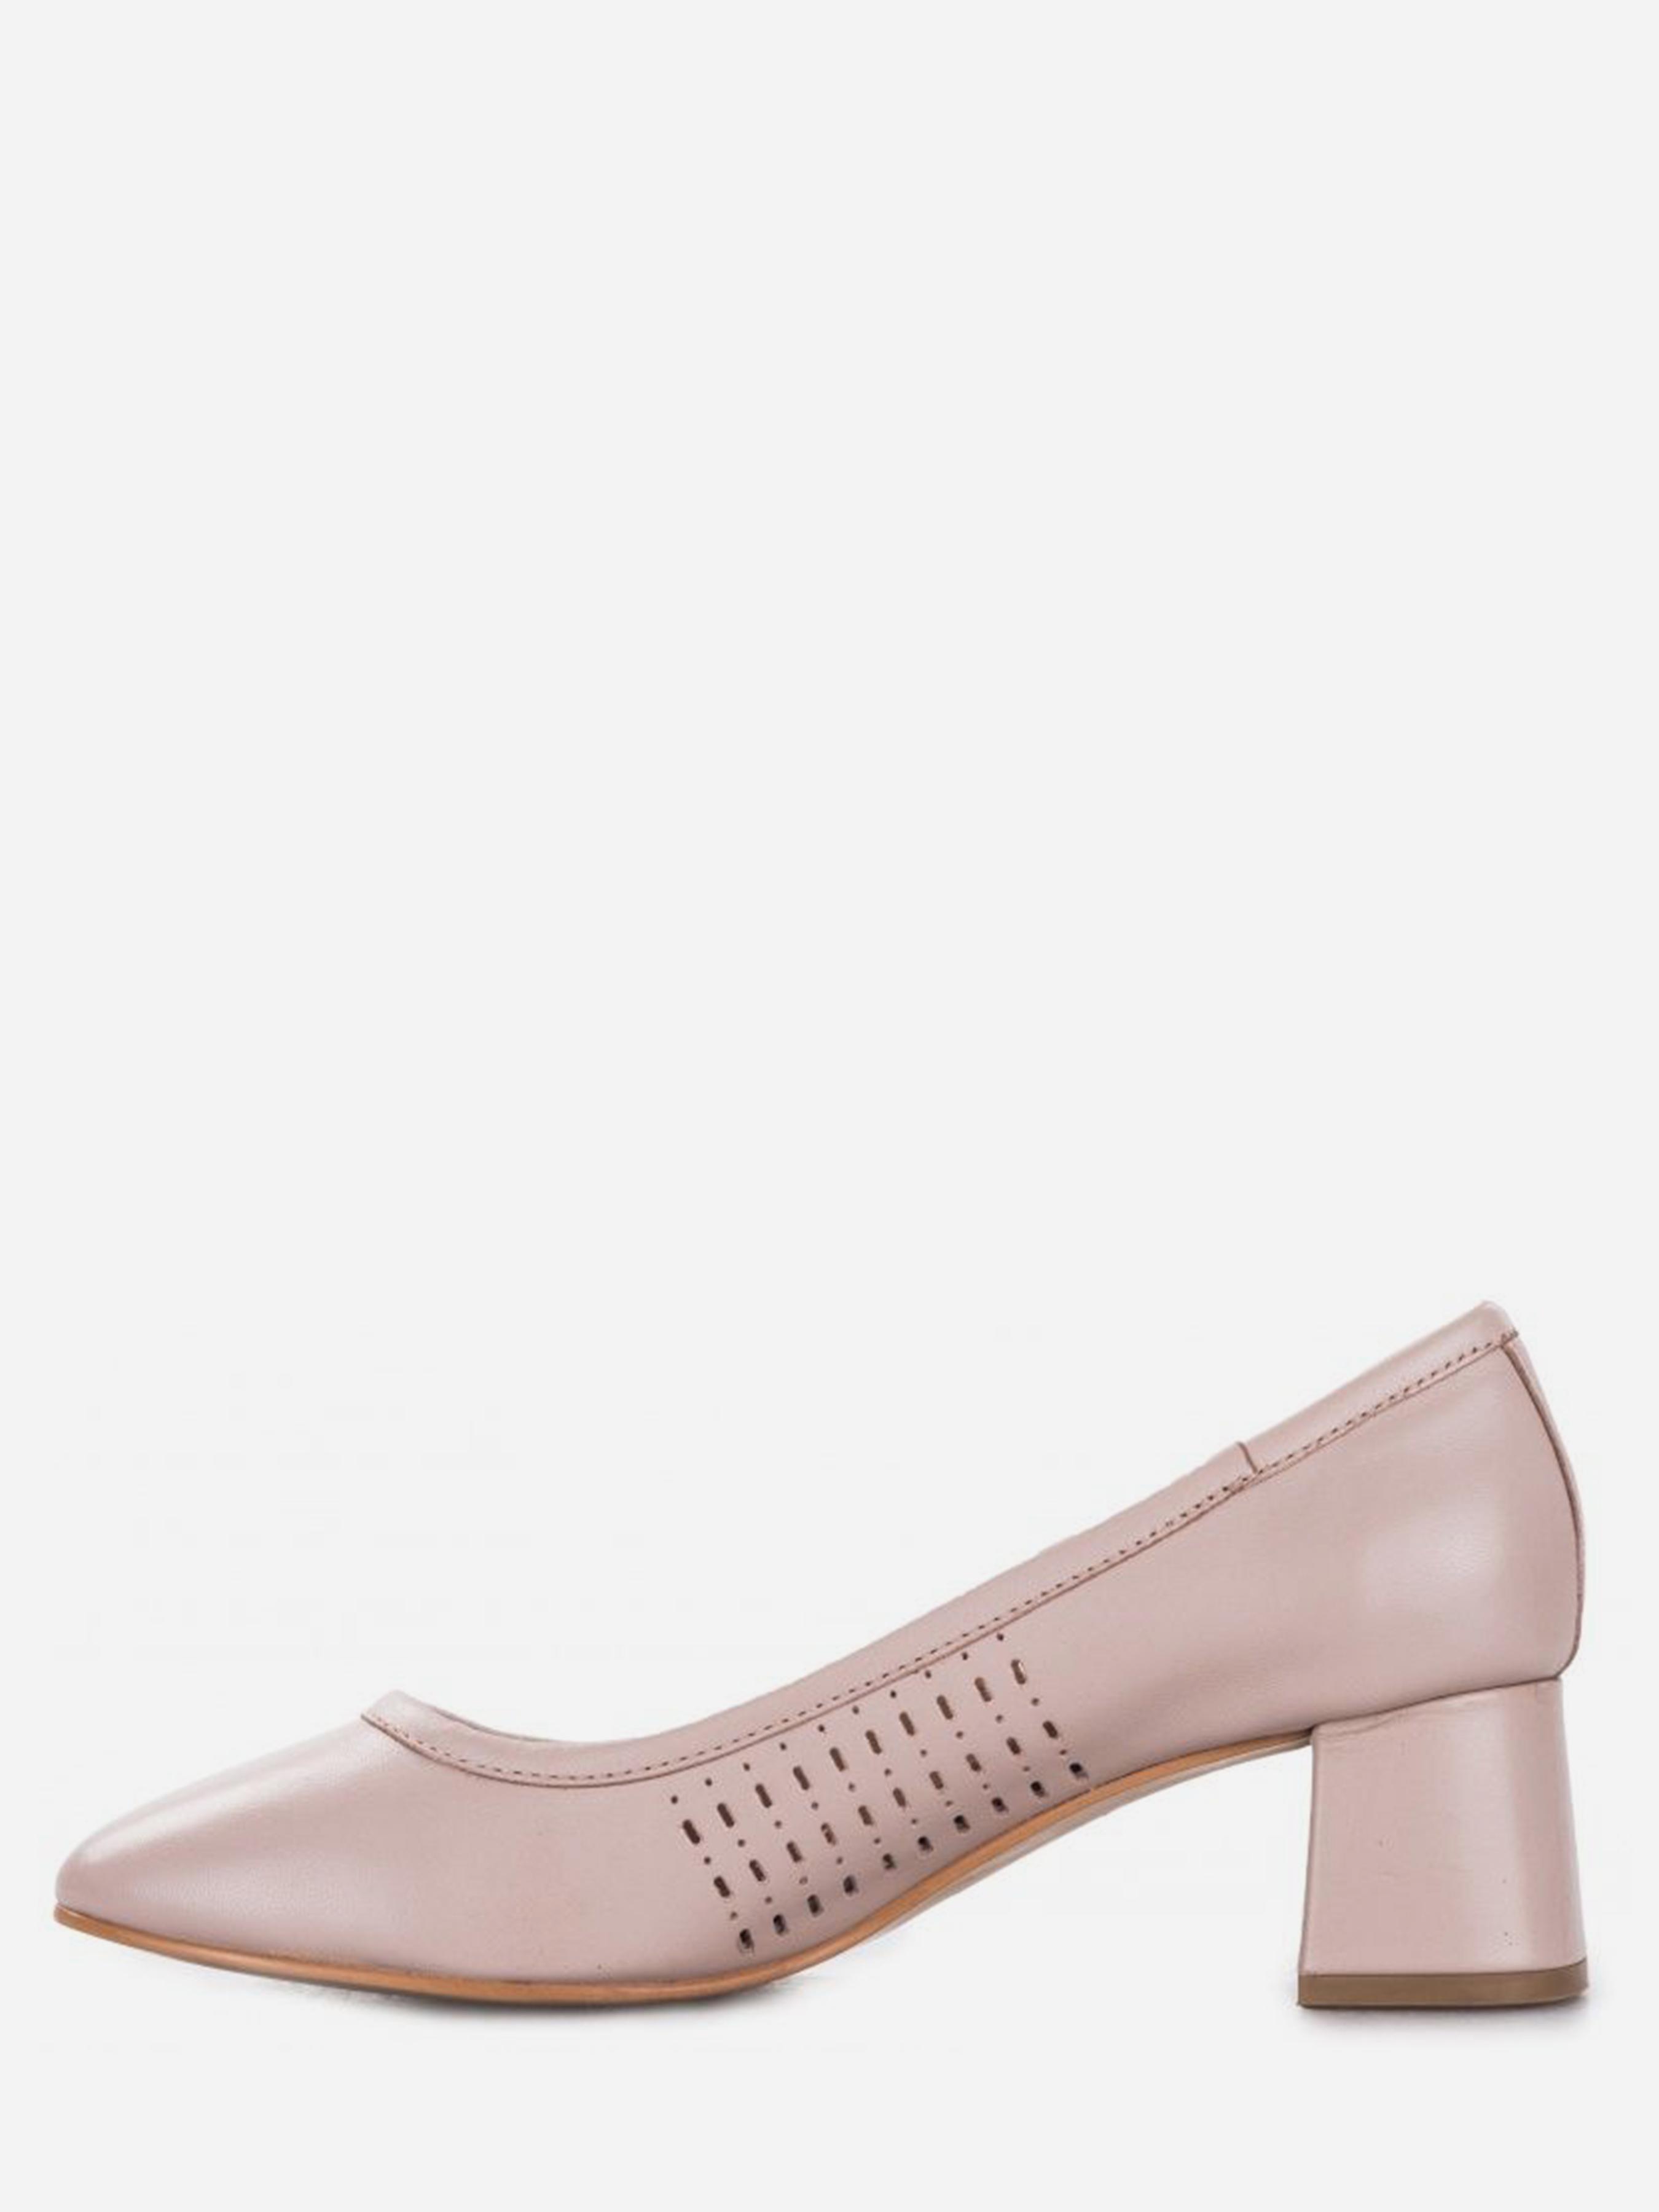 Туфли женские Braska BS3139 купить онлайн, 2017